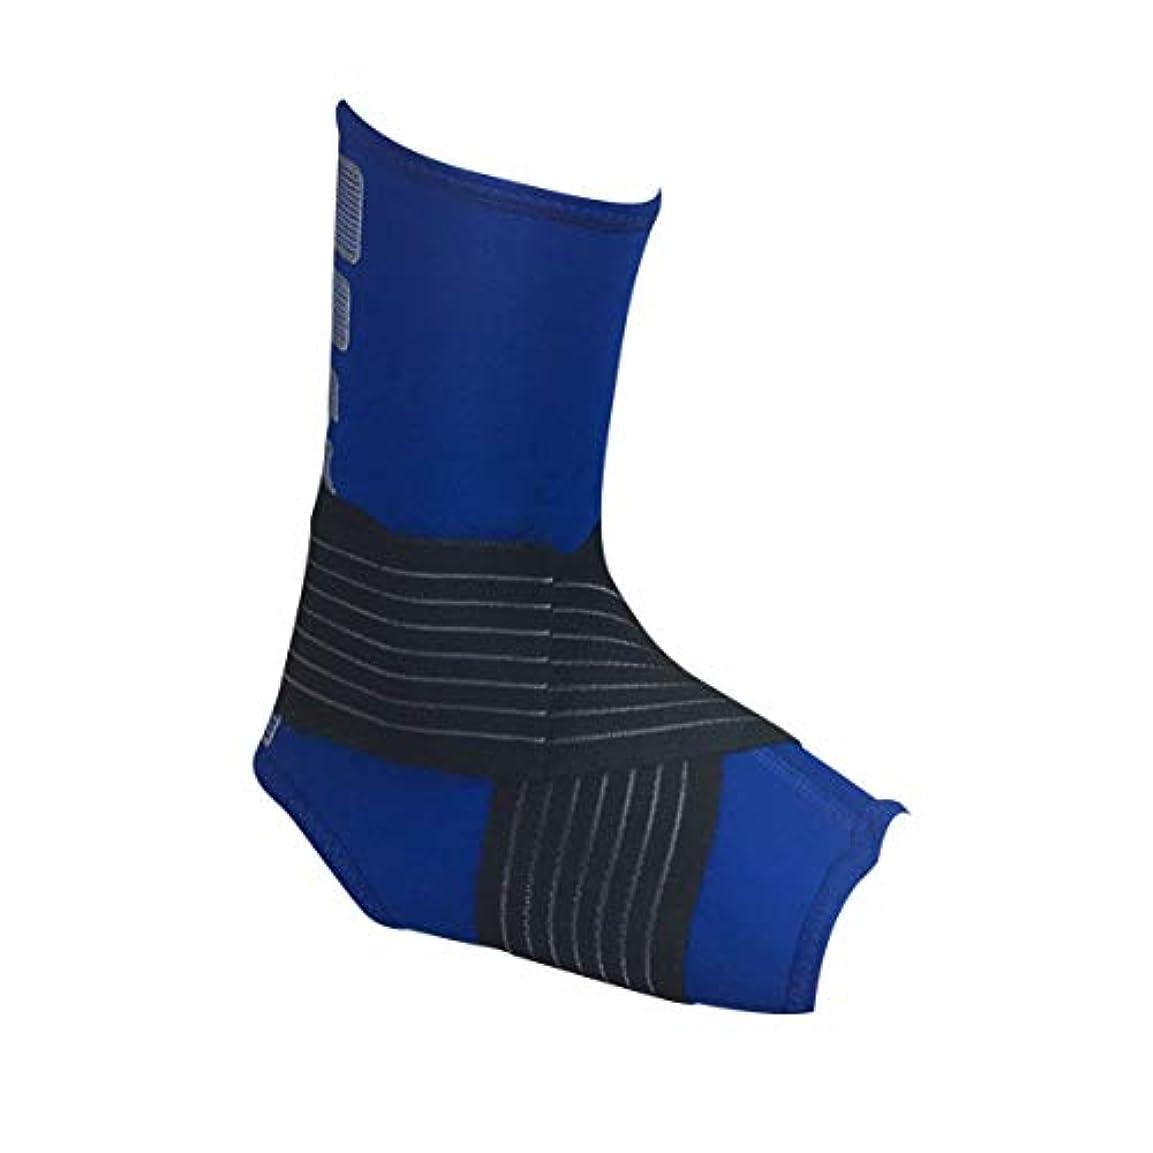 出会い玉ひいきにする足首フットパッド包帯ブレースサポート保護足首ガードパッド快適な足首袖ランニングフィットネスサイクリング